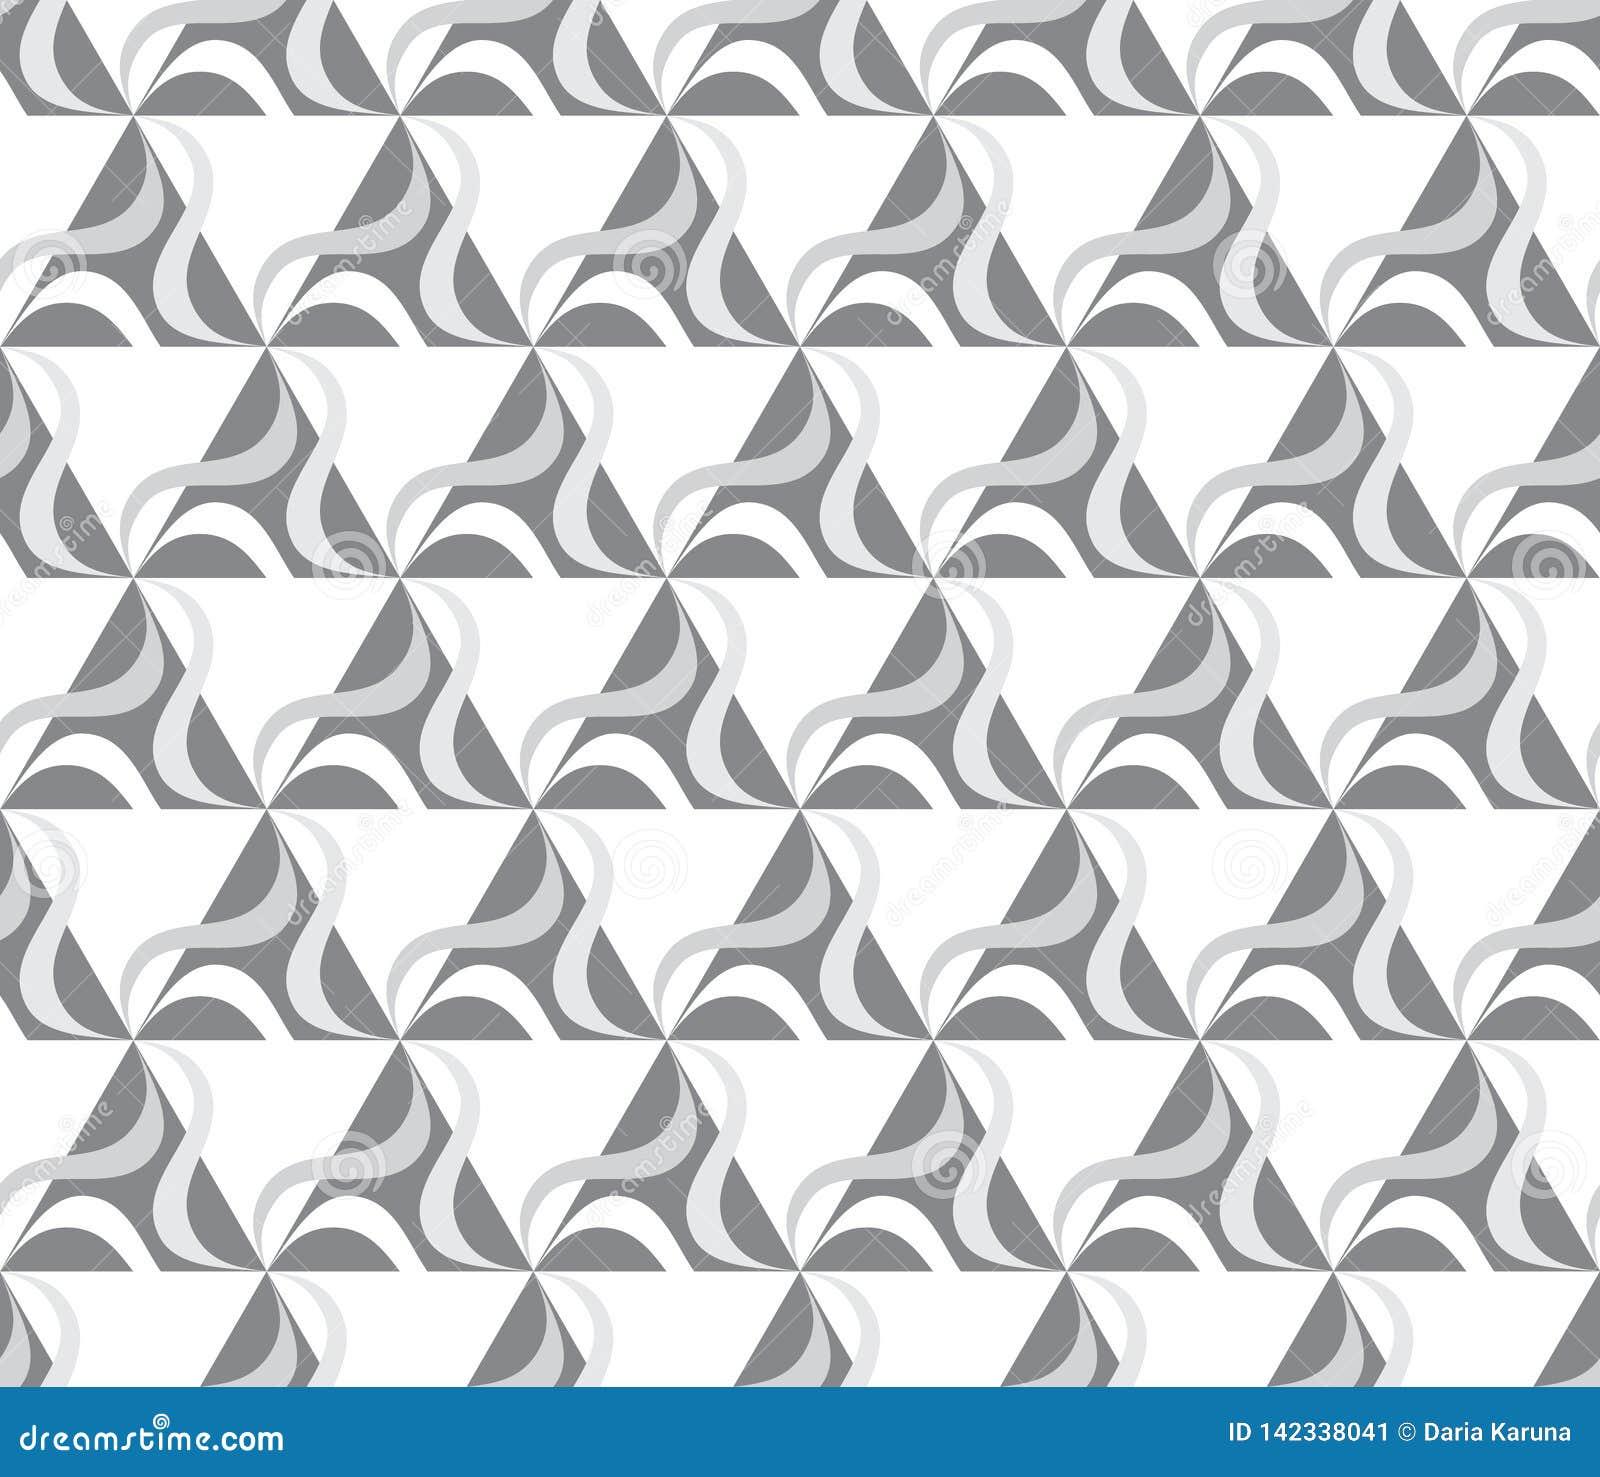 Naadloos patroon met roterende cijfers Optische illusie van beweging van vormen in ruimte